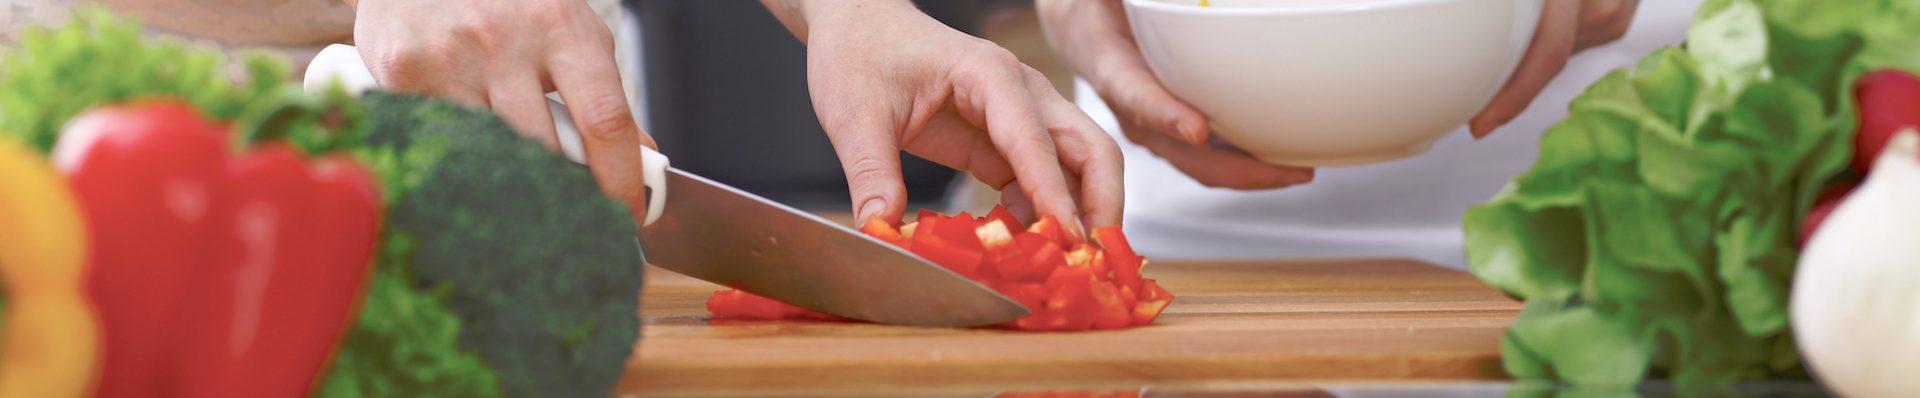 Gros plan de quatre mains en cuisine. S'amuser en préparant une salade fraîche. Végétarien, repas sain